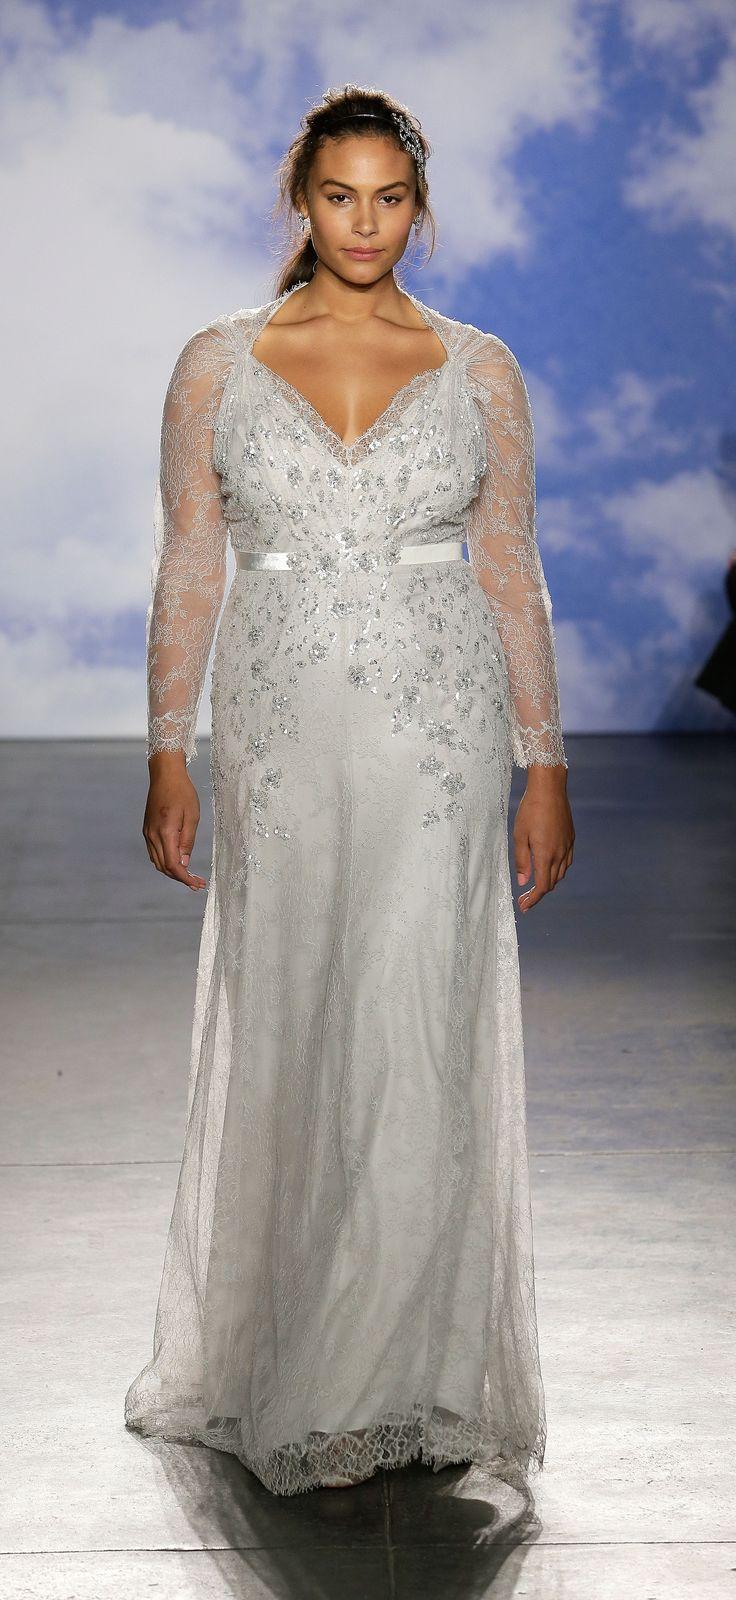 300 besten Brautkleider Plus size Bilder auf Pinterest ...